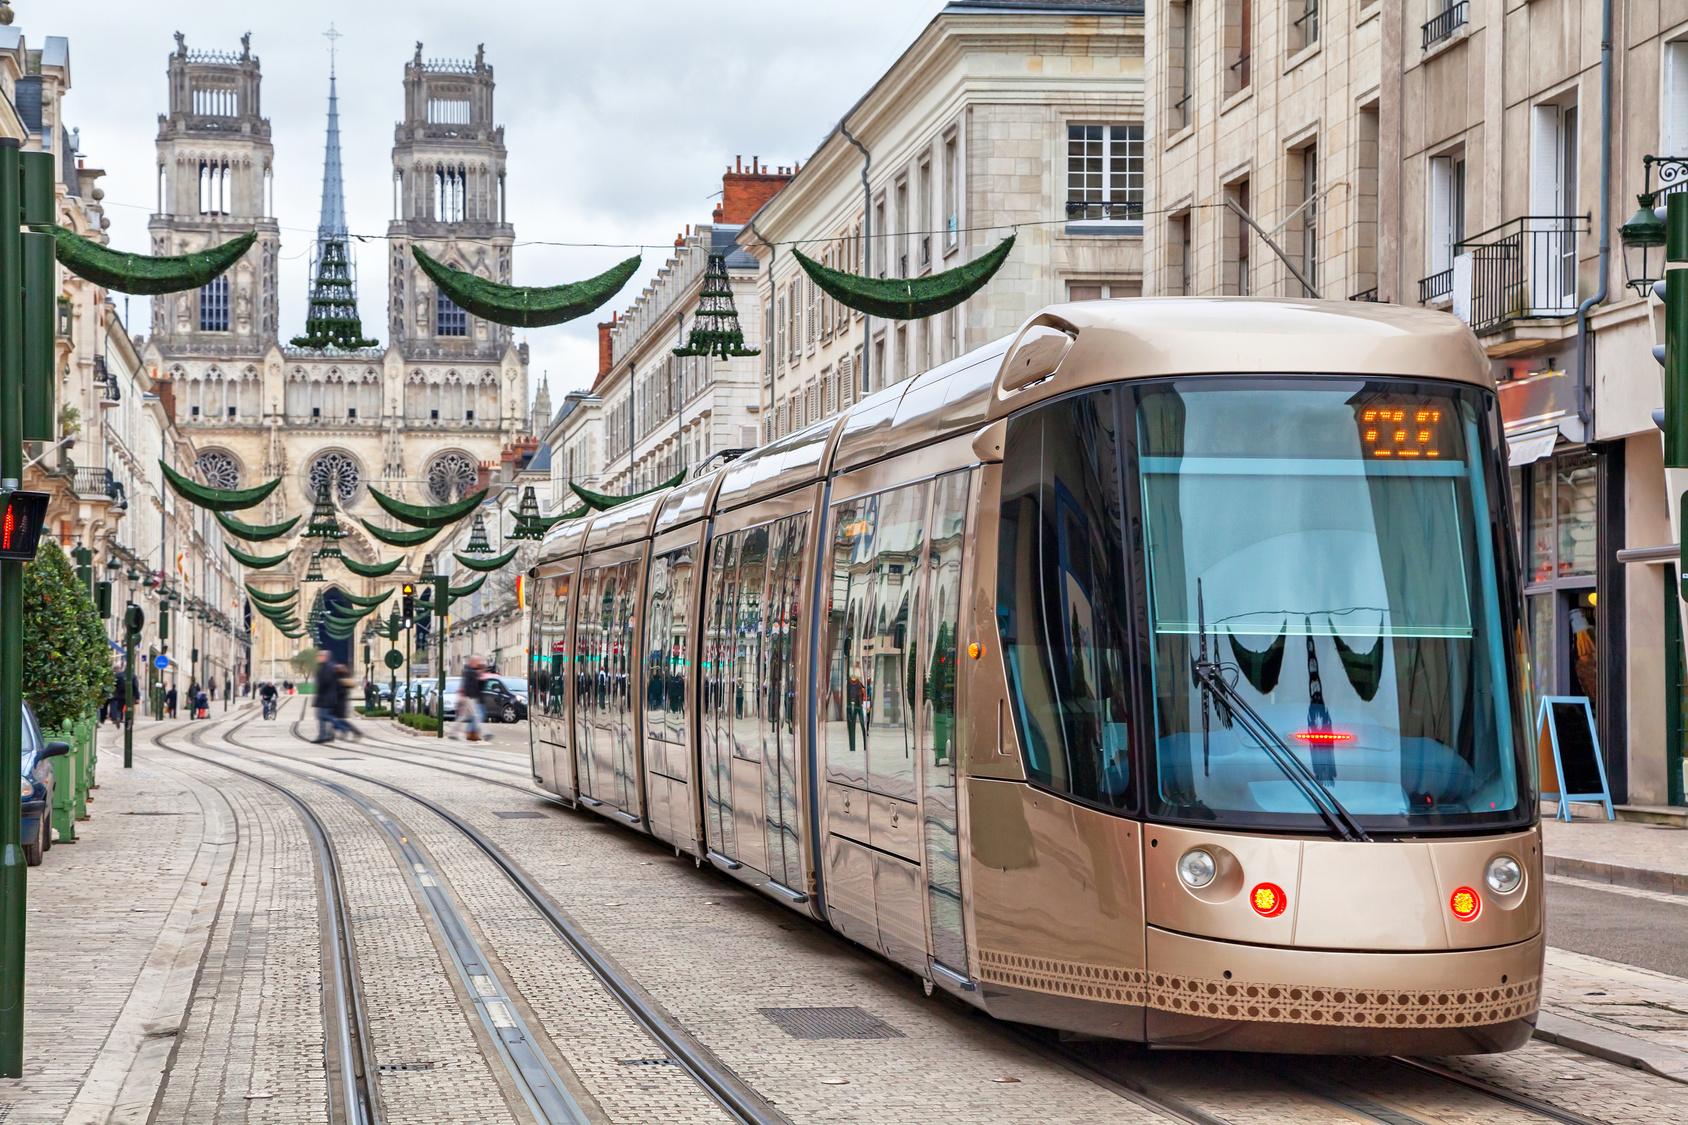 Brown tram in Orleans